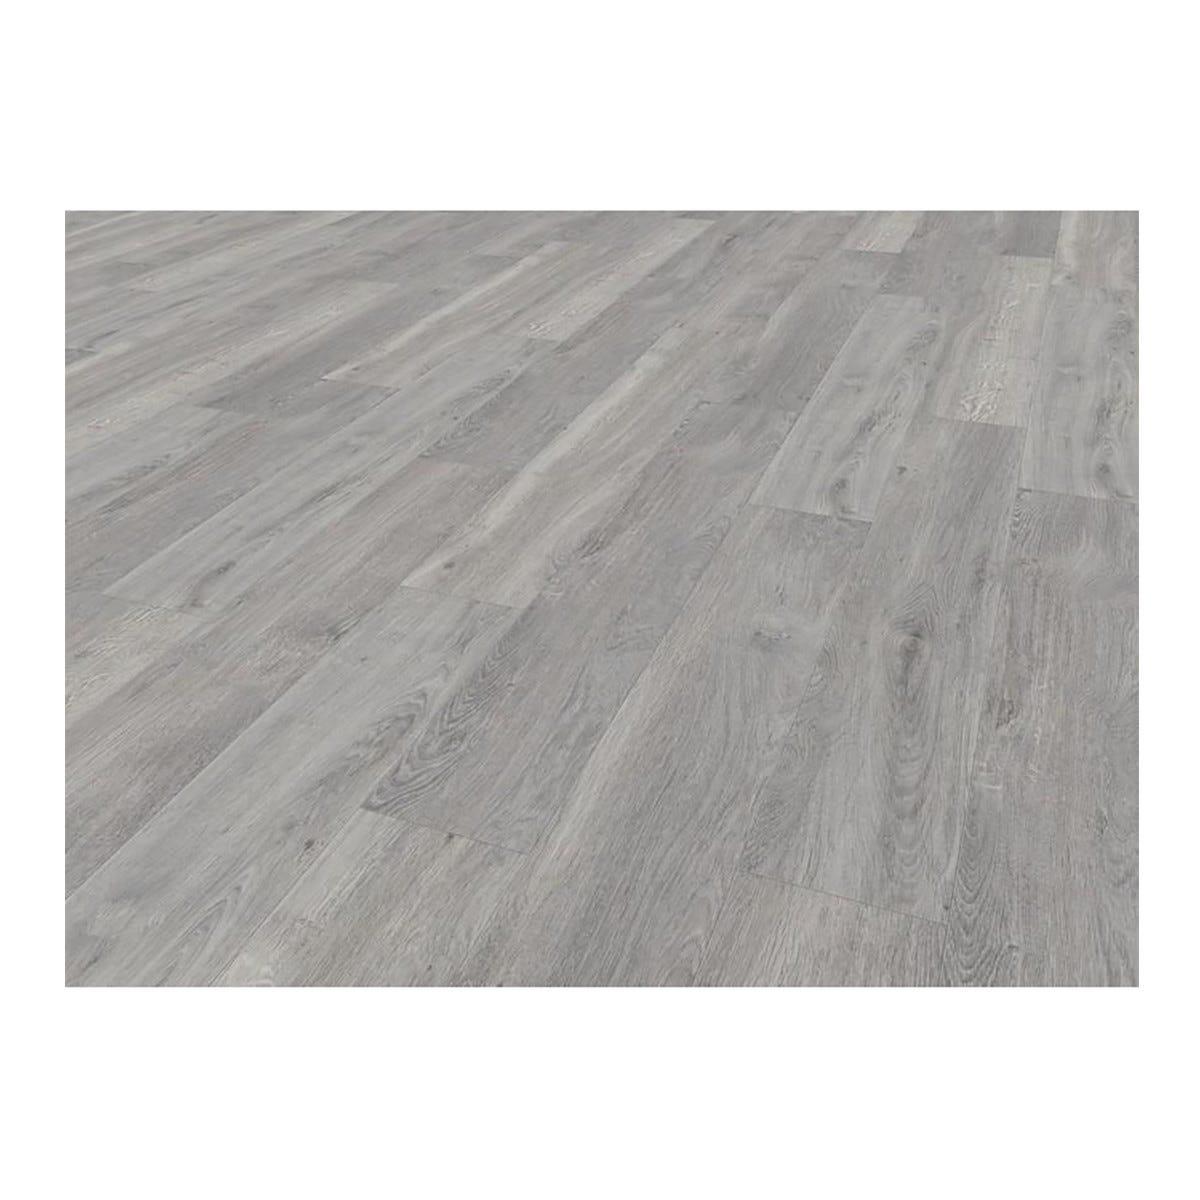 GERFLOR Pavimento Pvc Click Senso Grey 0,55 21,4x123,9 Cm Spess. 4,5 Mm Stecca Da 2,02 M²/pacco